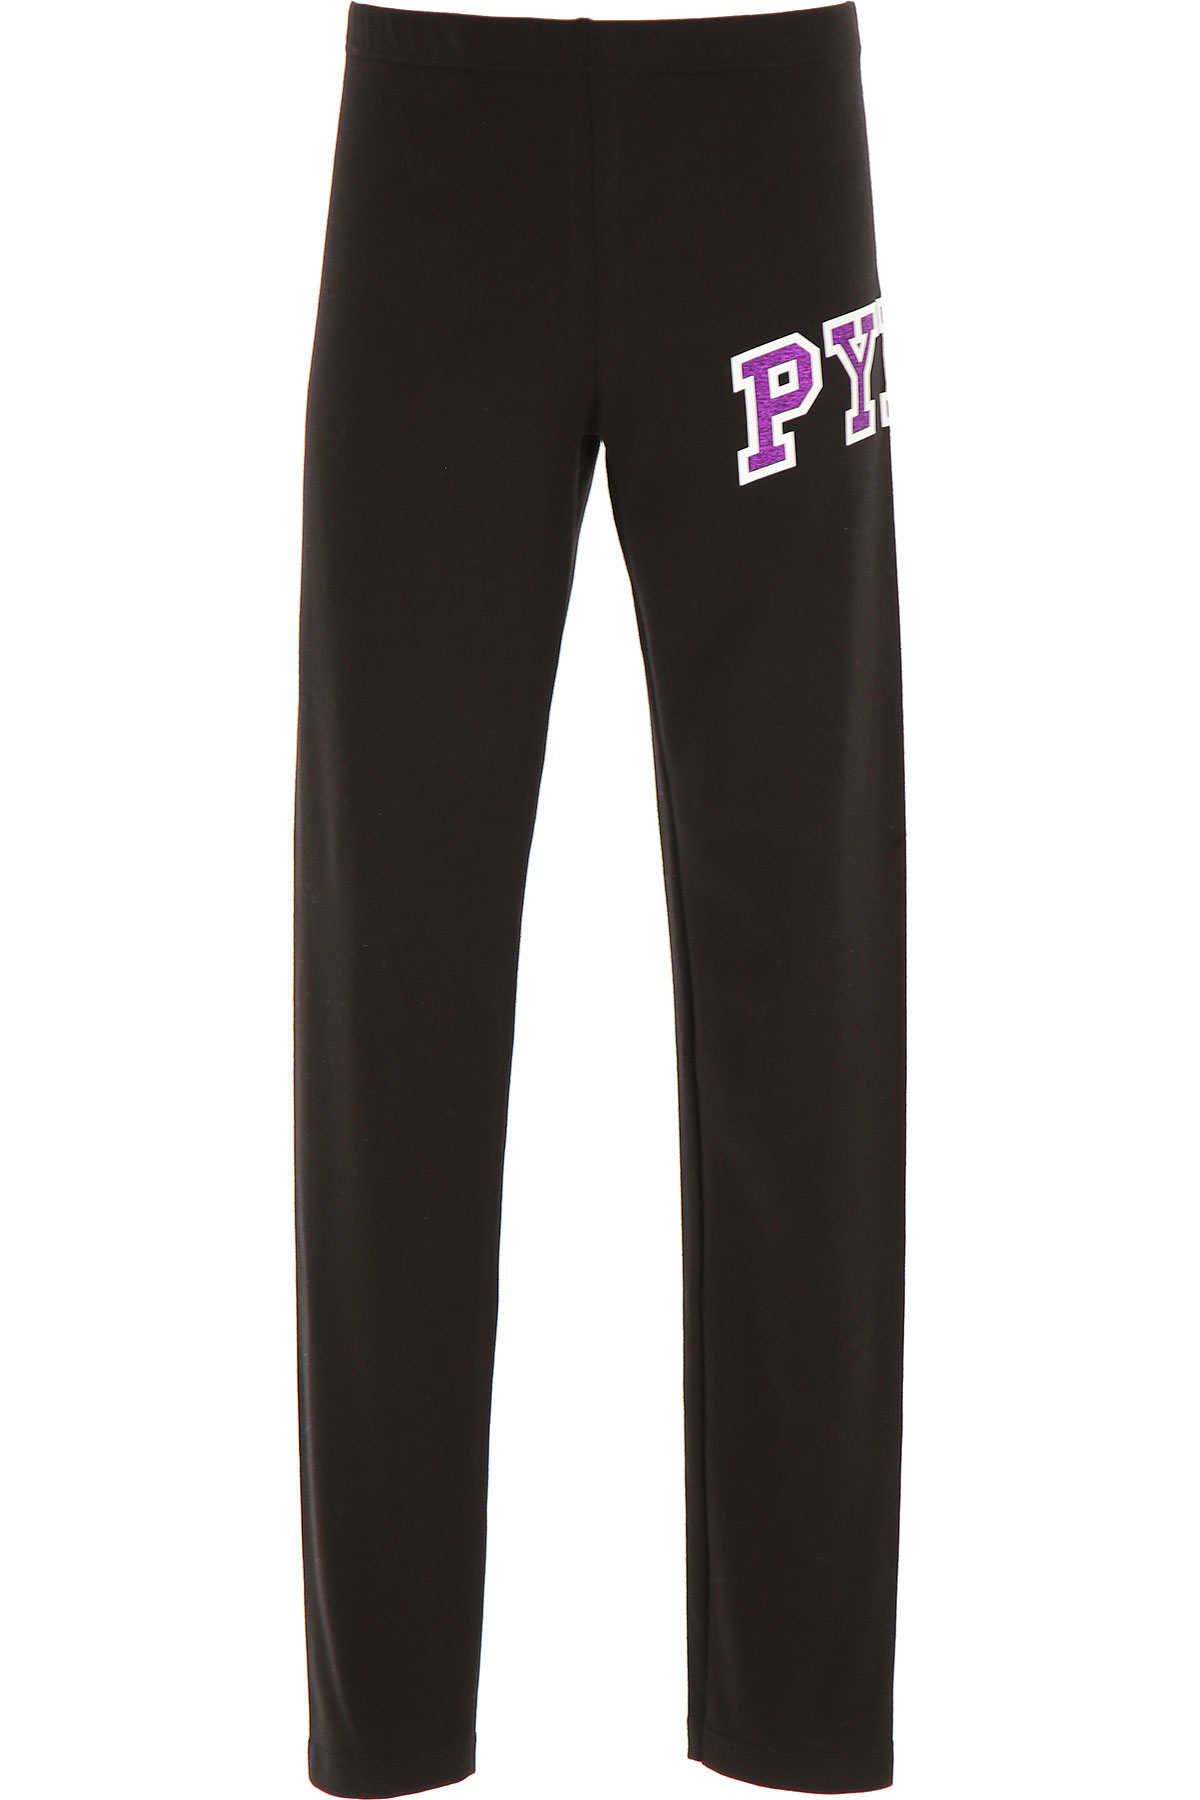 Pyrex Kids Pants for Girls On Sale, Black, Cotton, 2019, M S XL XS XXL